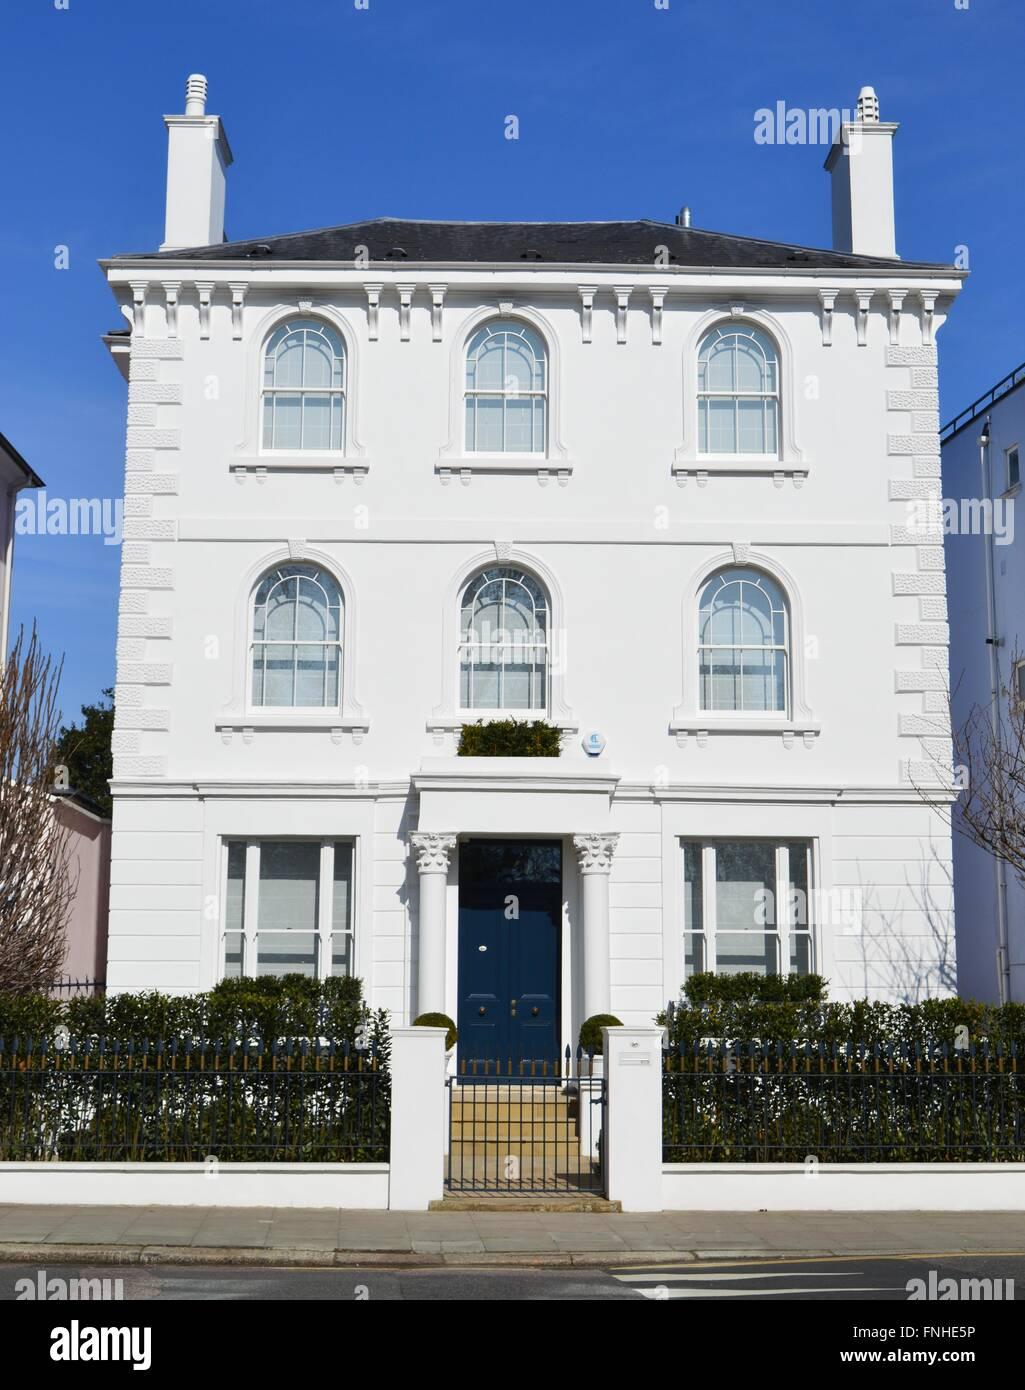 grande et belle blanc double faade maison victorienne primrose hill london uk une maison de rve le premier bien immobilier